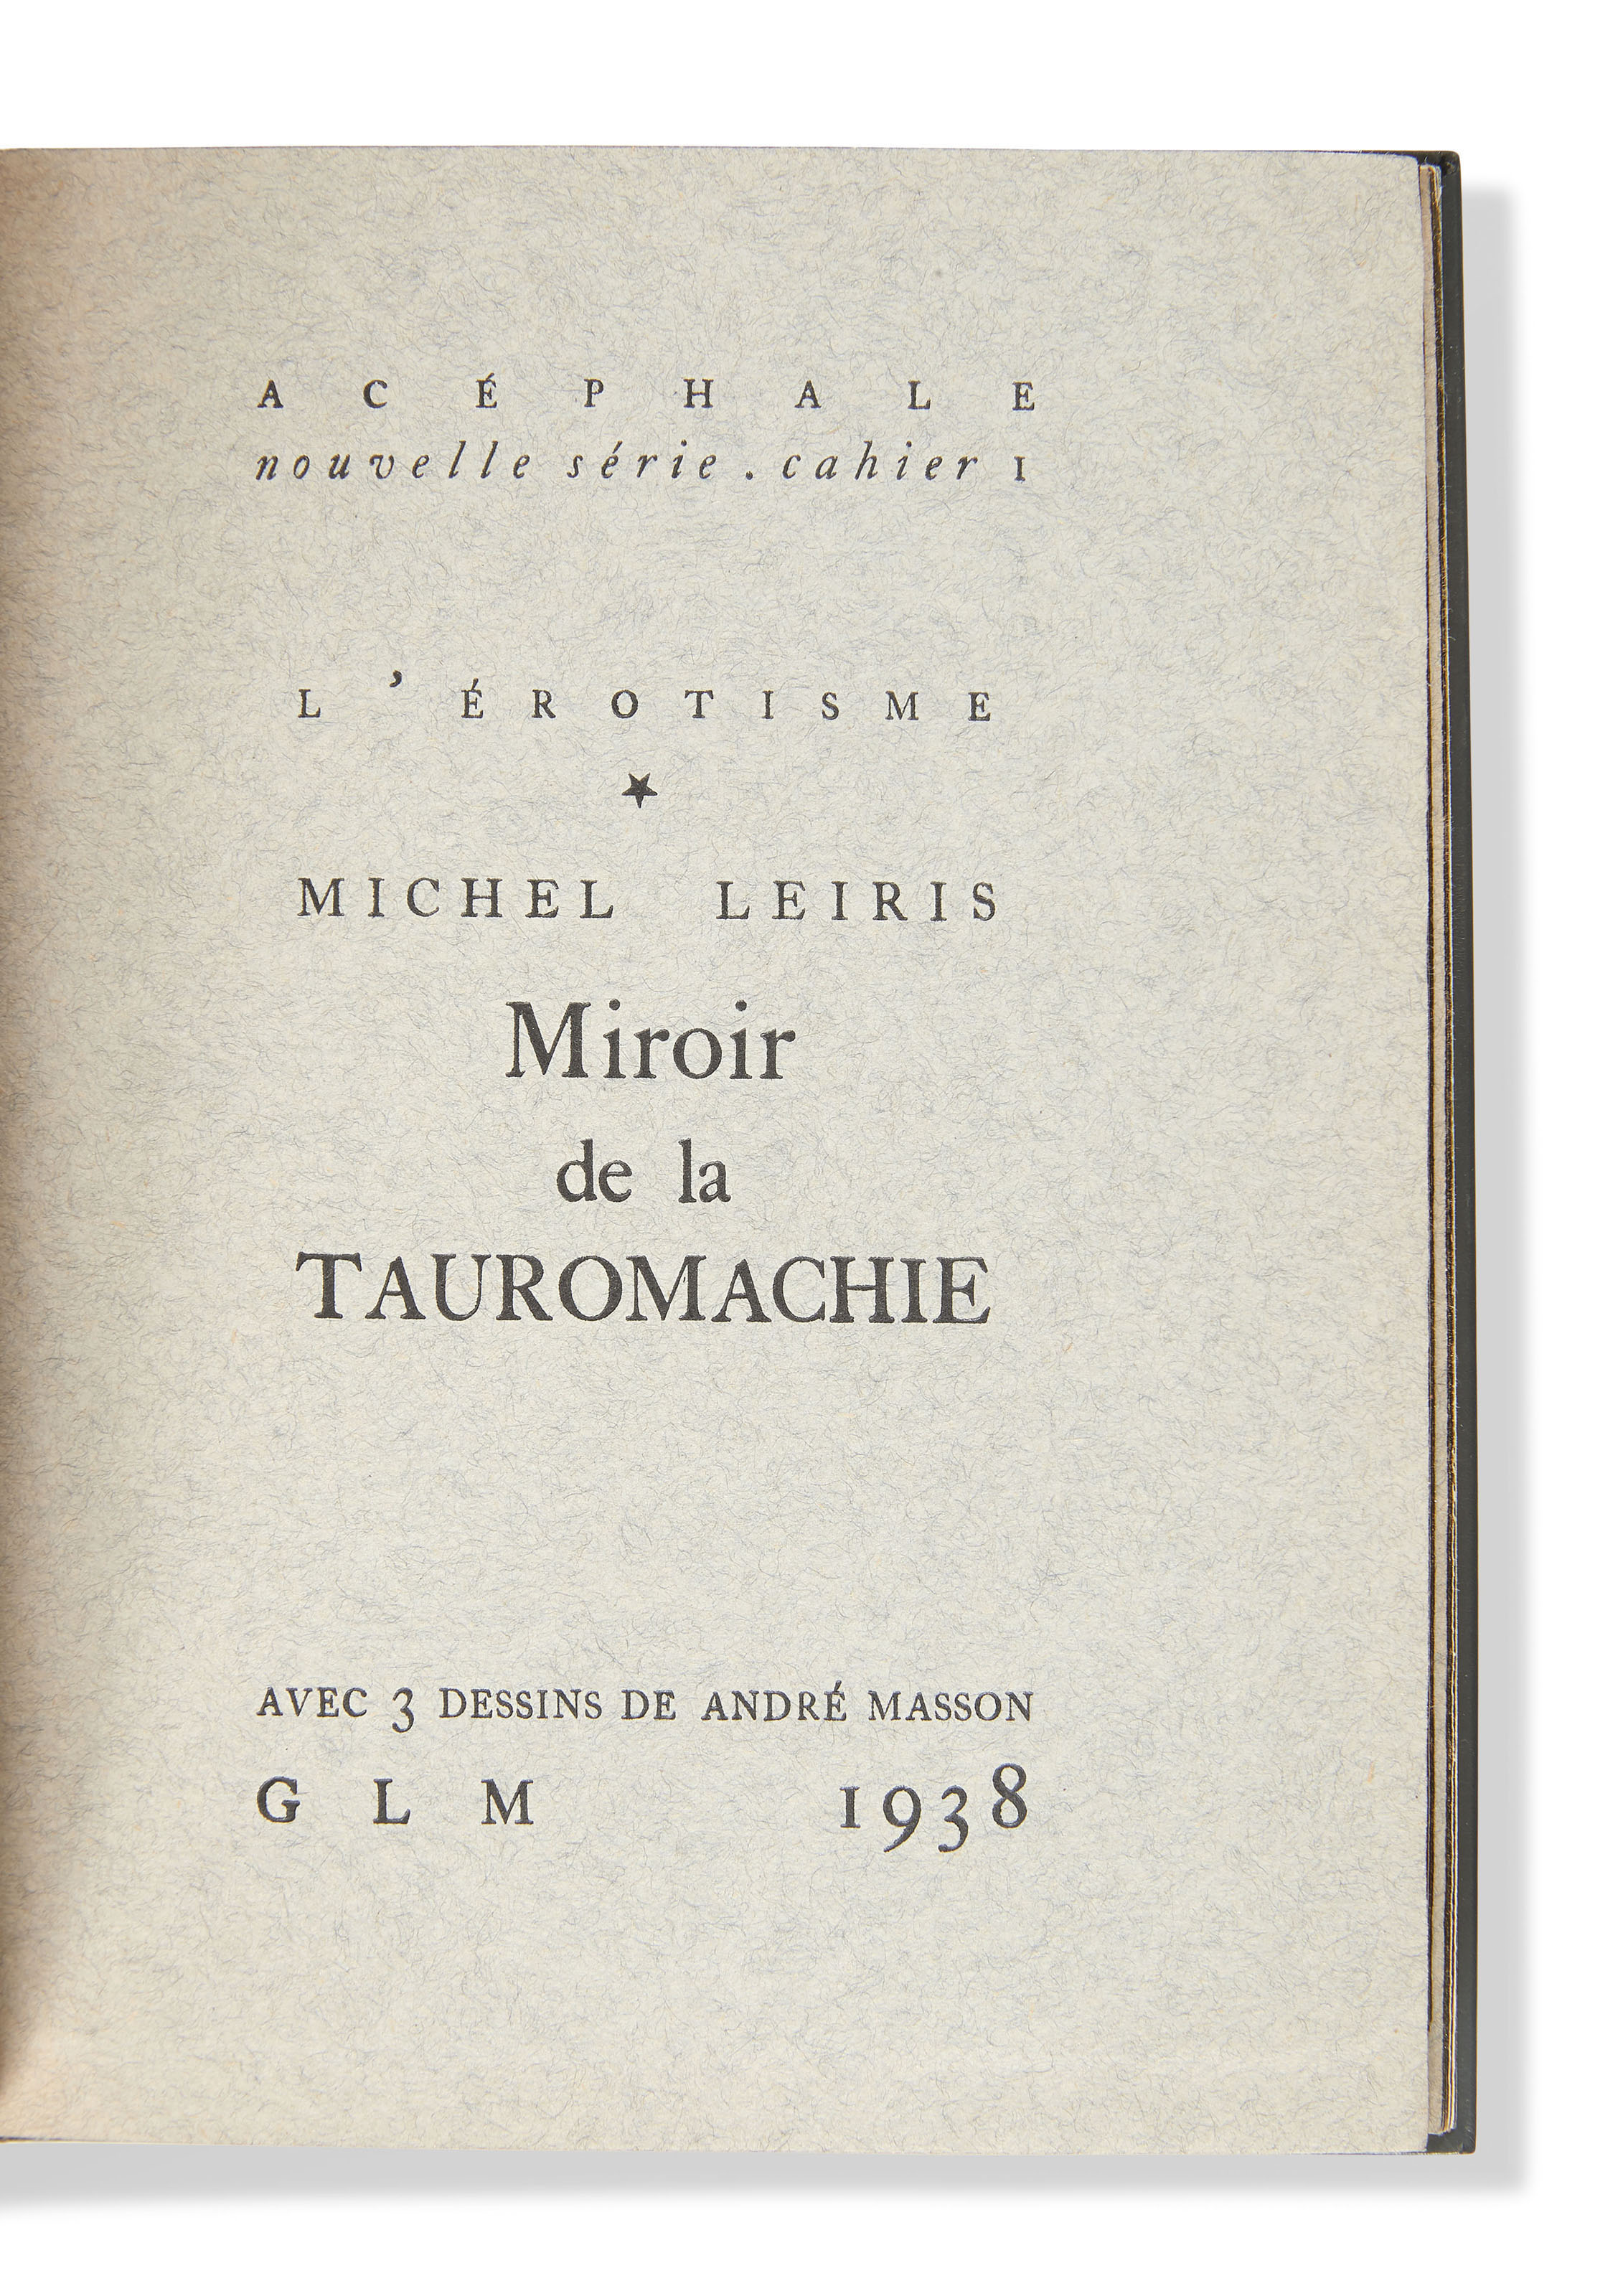 LEIRIS (M.) – MASSON (A.). Miroir de la tauromachie. Paris, GLM, 1938, in-12, box janséniste gris métallisé, dos lisse orné, couverture gris-bleu et dos, tranches dorées sur témoins, étui gainé de même box (P.L.Martin, 1963).